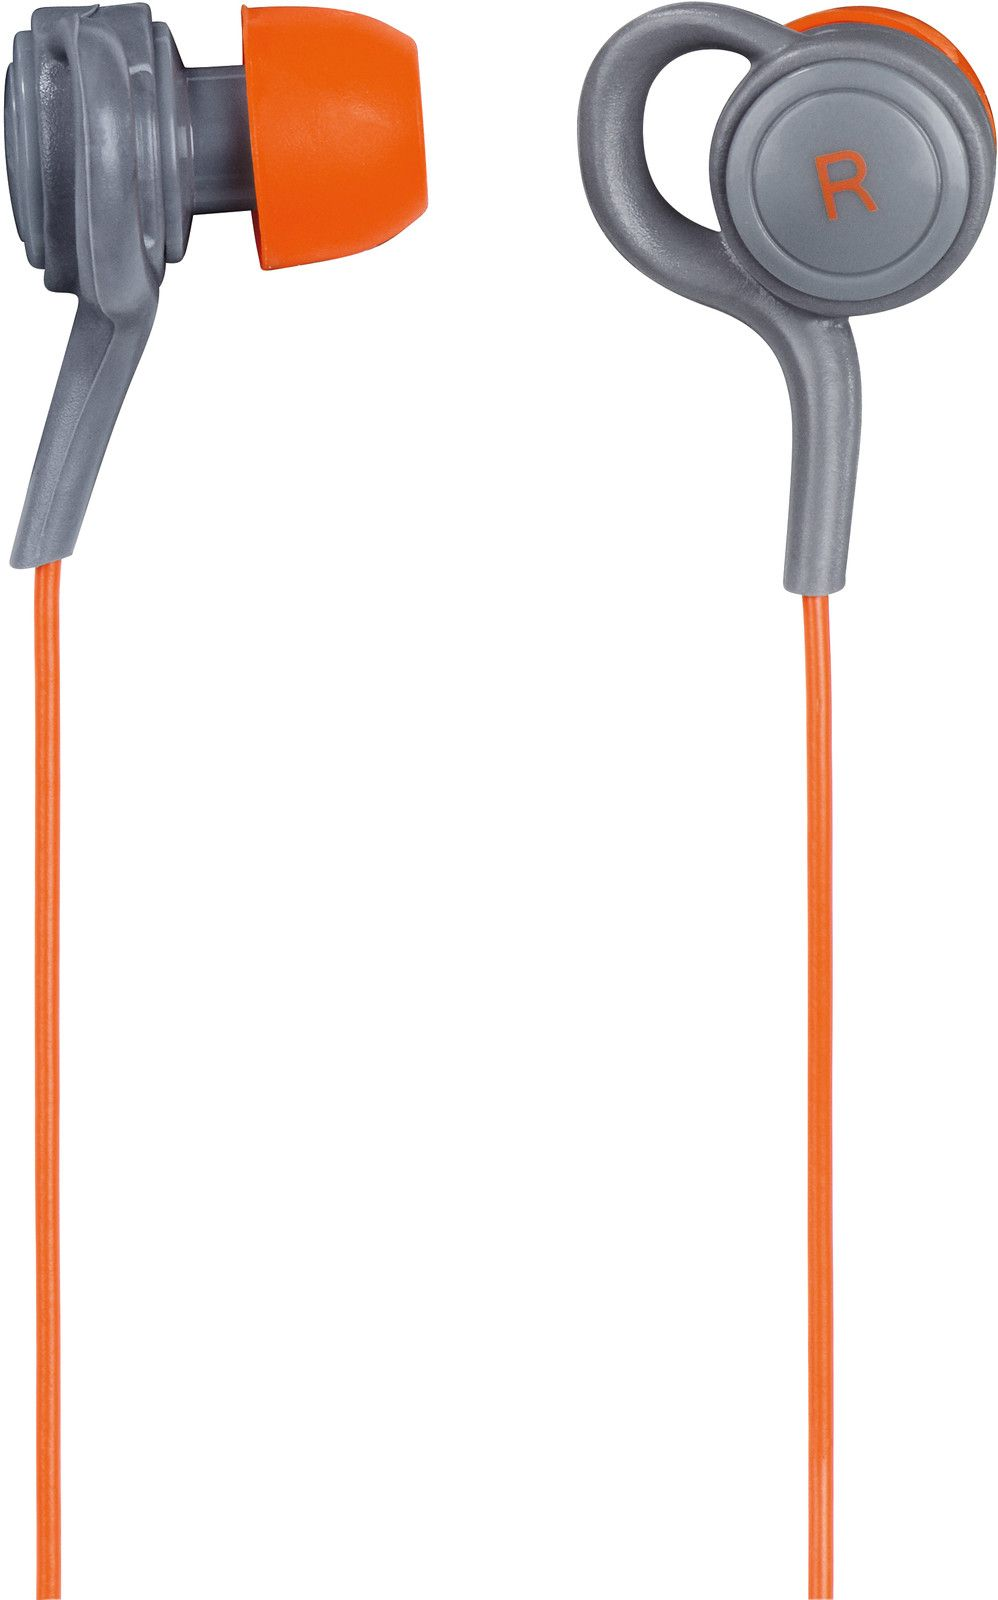 Thomson EAR3205 In-Ear Sport